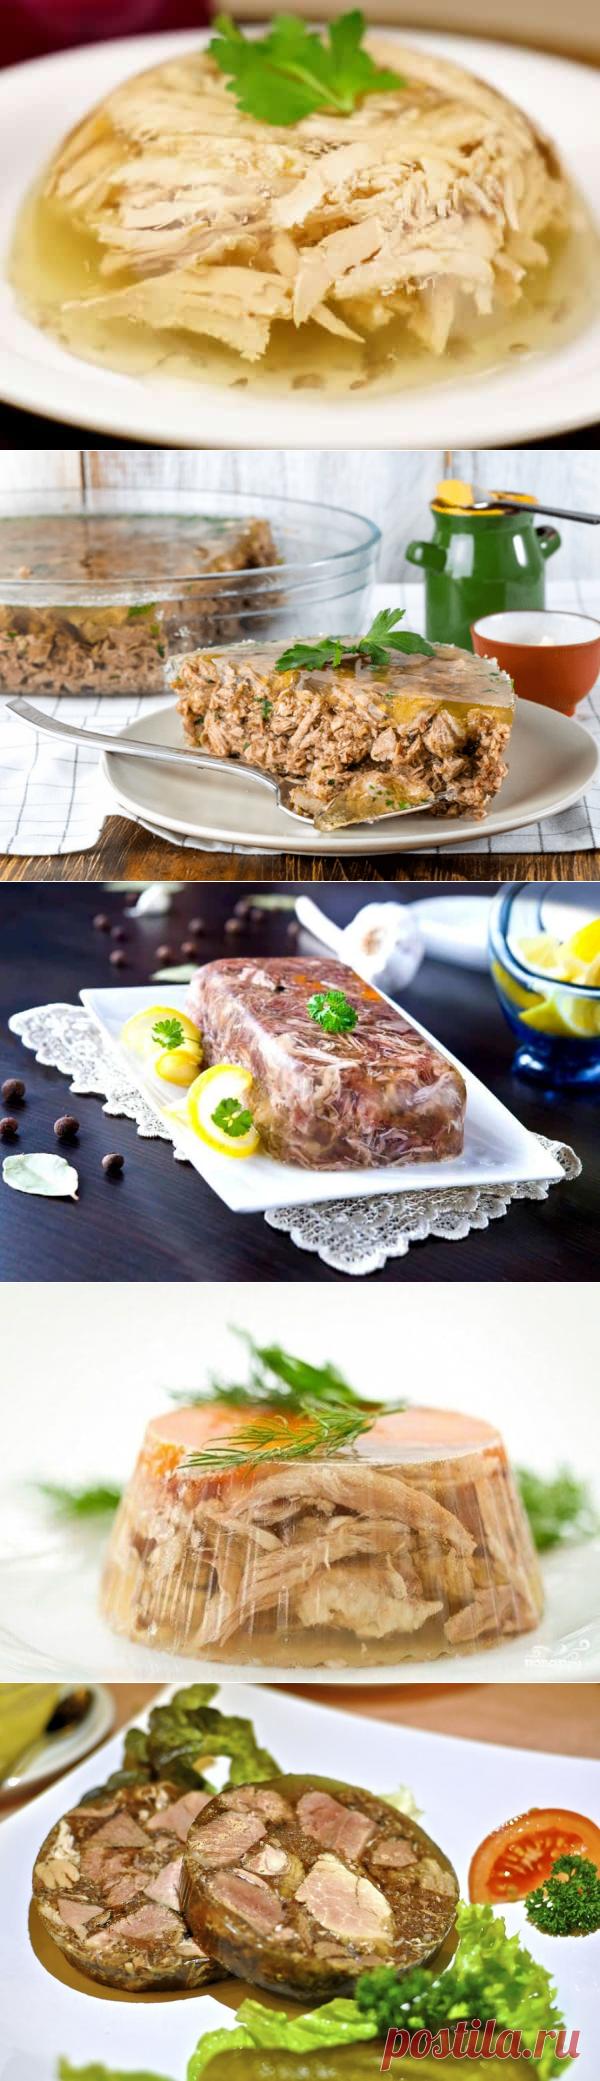 Холодец из свиных ножек: с рулькой, с курицей, с говядиной